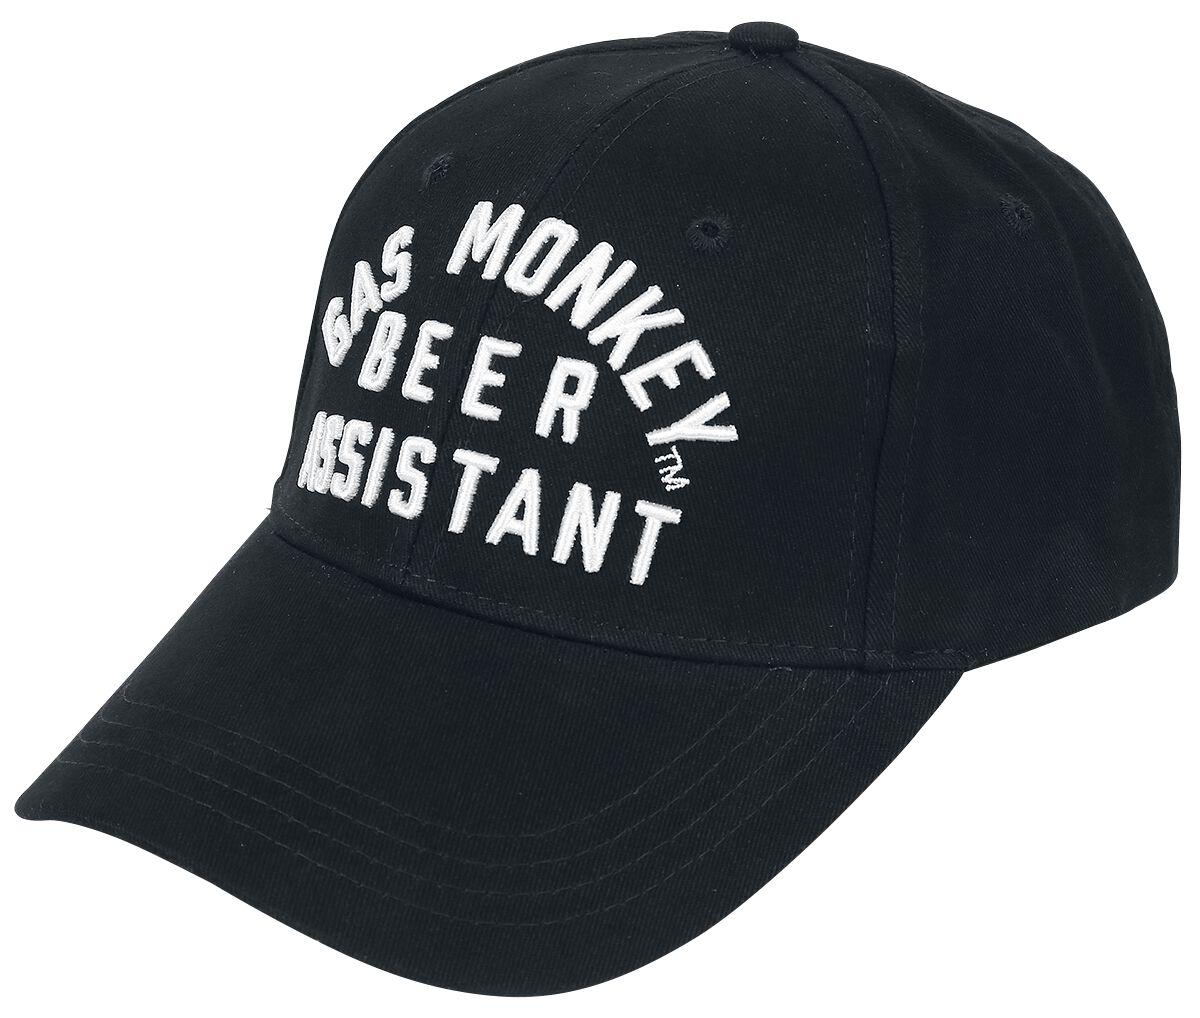 Merch dla Fanów - Czapki i Kapelusze - Czapka baseballowa Gas Monkey Garage Beer Assistant Czapka baseballowa czarny - 356215